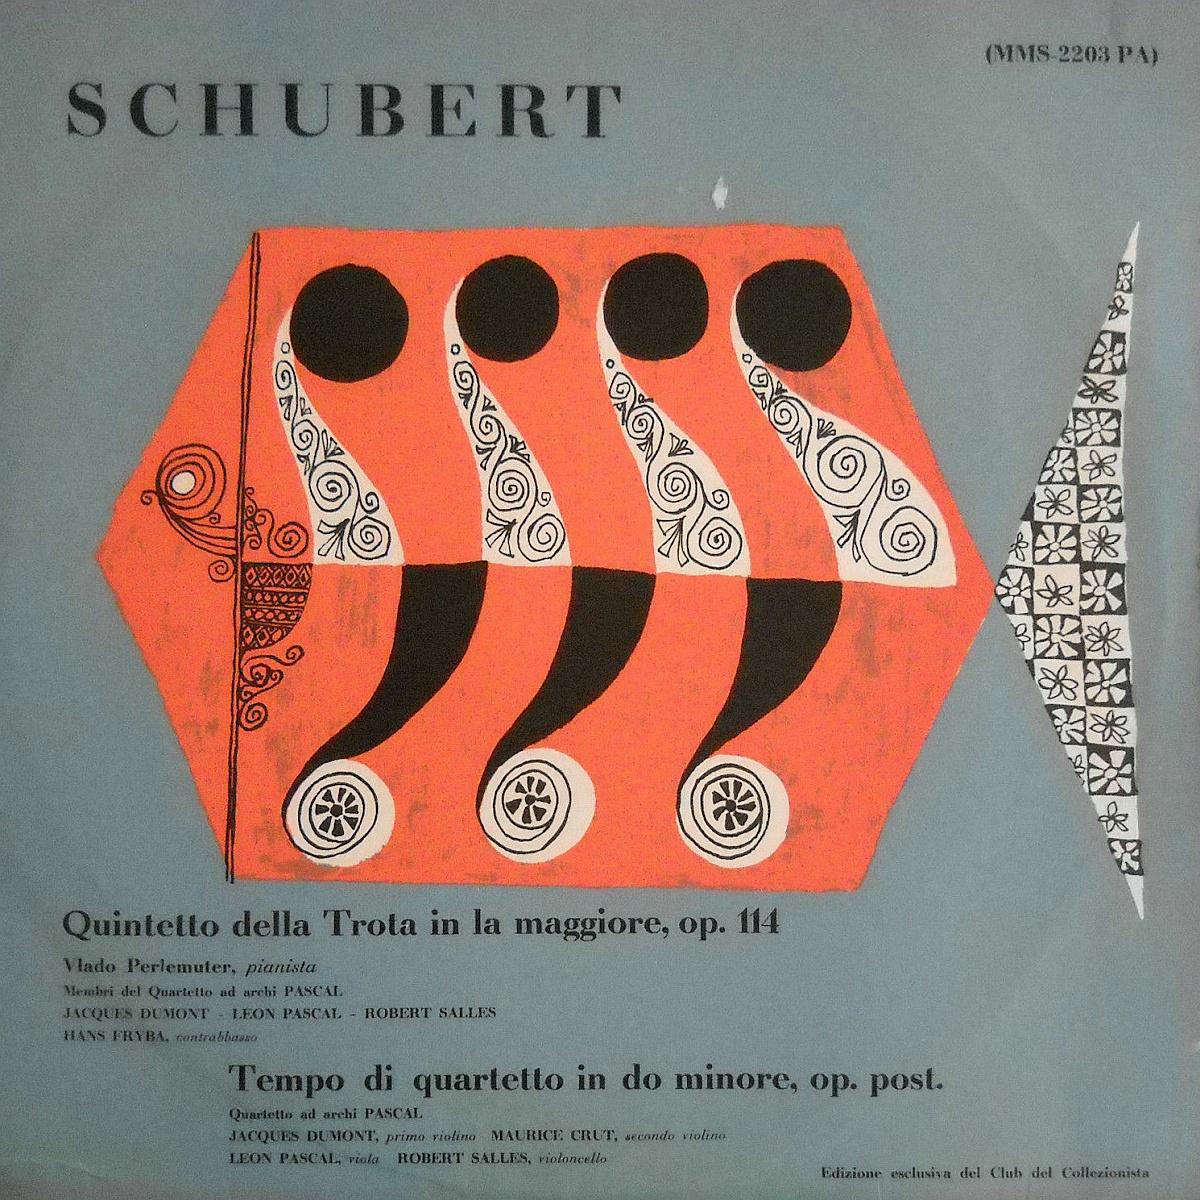 Recto de la pochette du disque MMS-2003 de l'Edizione exclusiva del Club der Collezionista, Cliquer sur la photo pour une vue agrandie et quelques infos